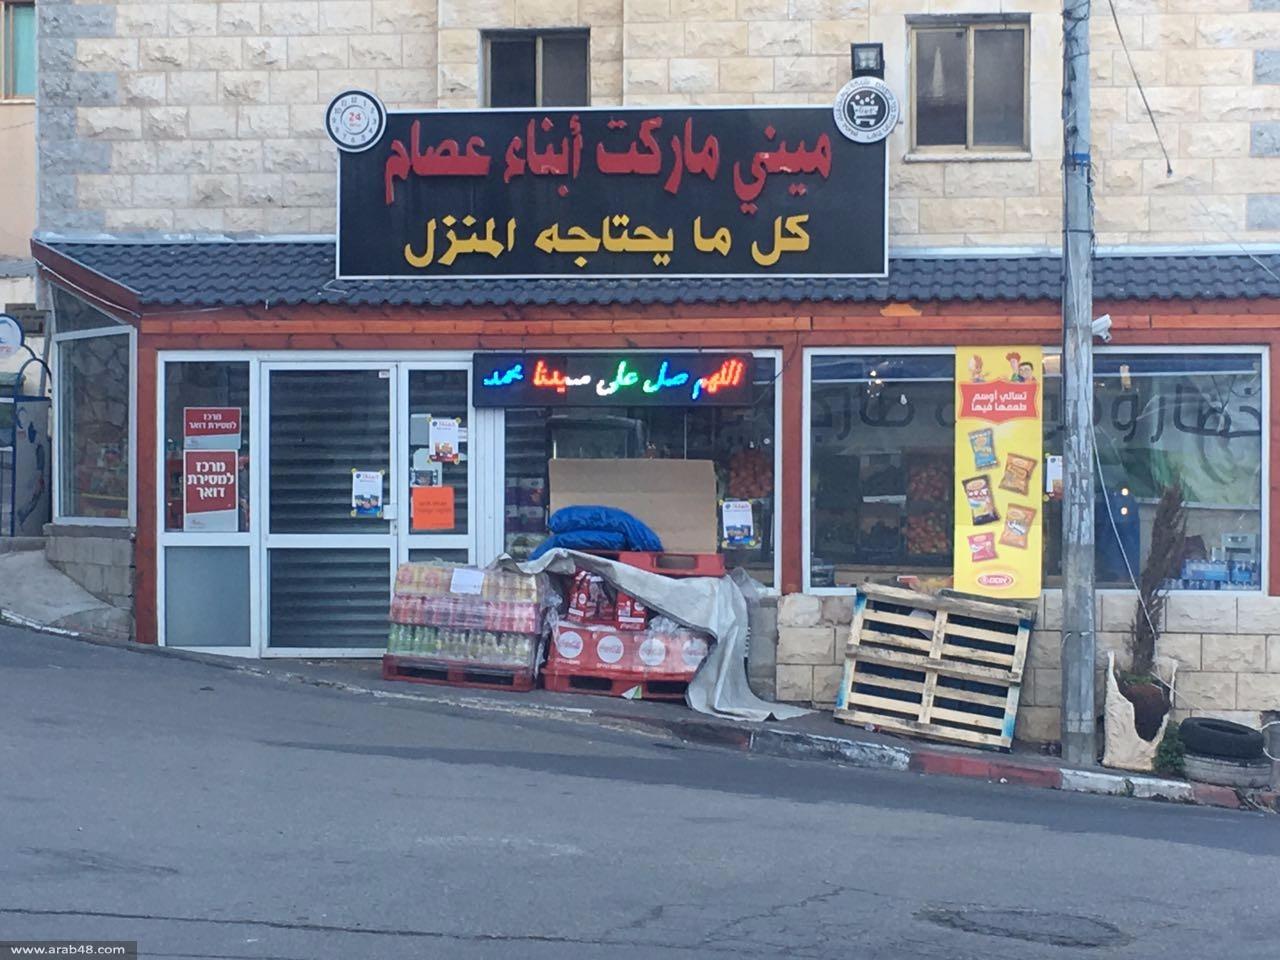 إضراب شامل بالبلدات العربية احتجاجا على الهدم بقلنسوة